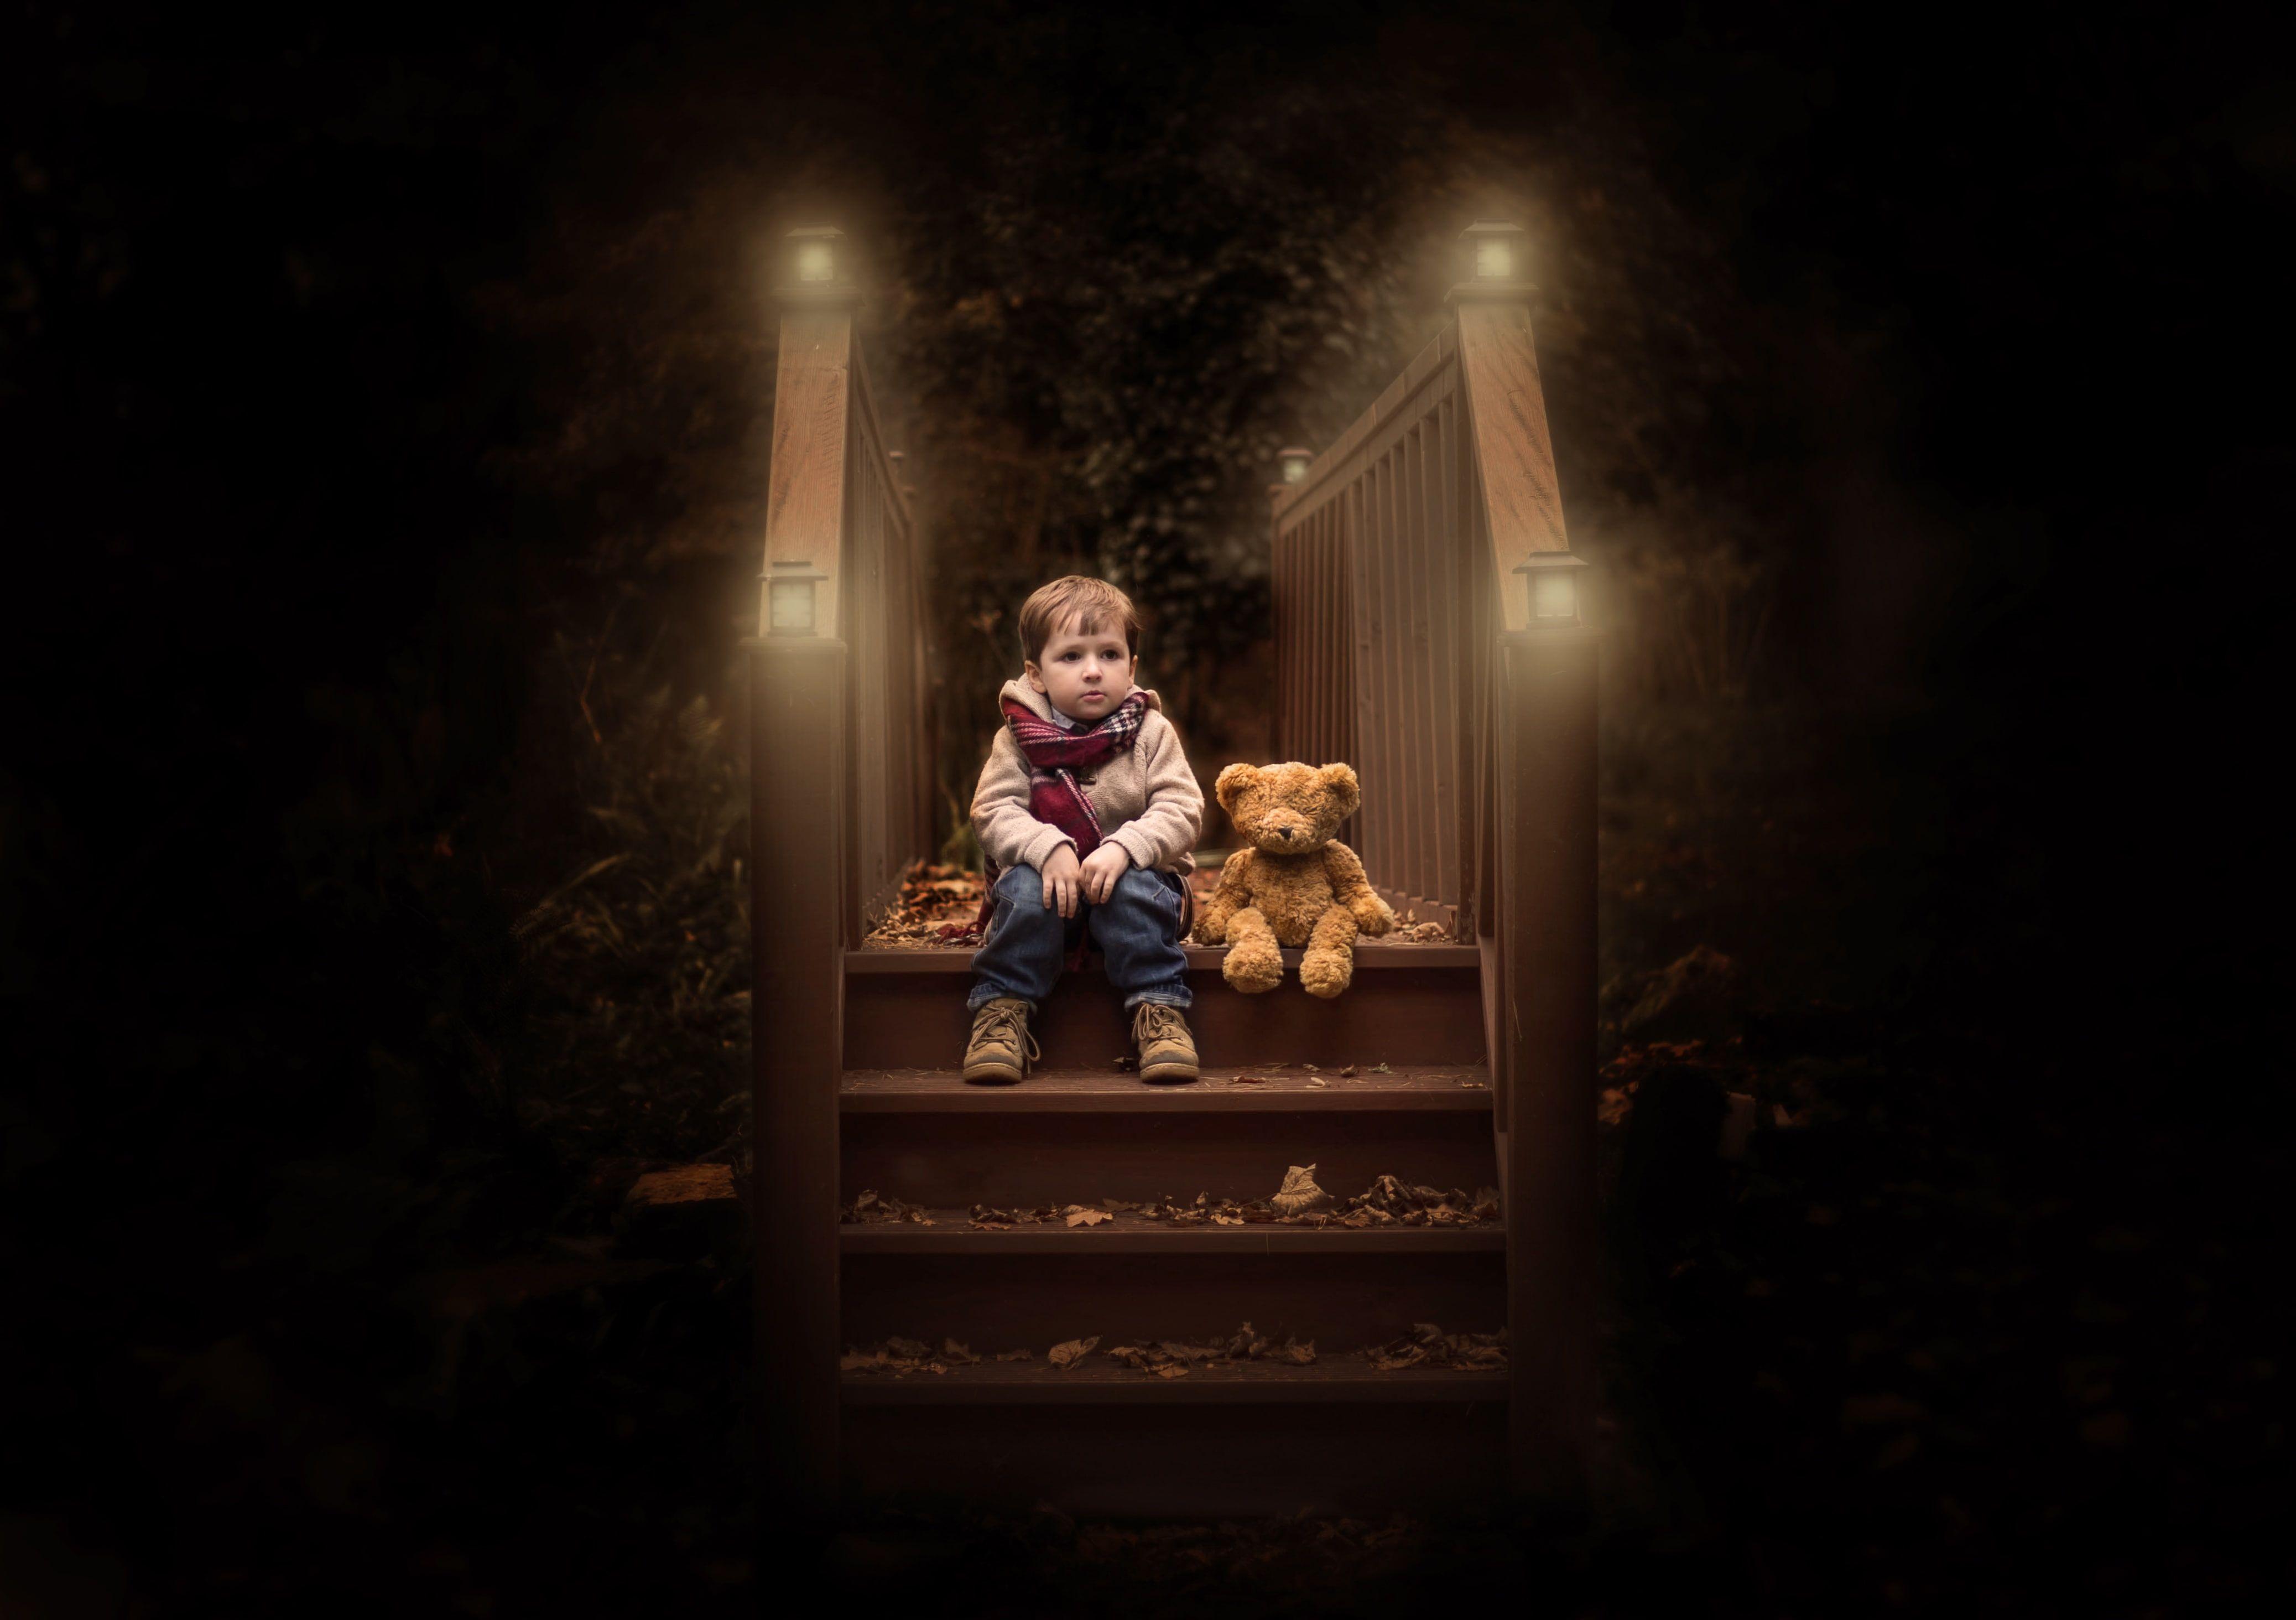 Cute Boy Wood Alone Foliage Autumn Teddy Bear 4k Lights 4k Wallpaper Hdwallpaper Desktop Teddy Bear Wallpaper Cute Boys Teddy Bear